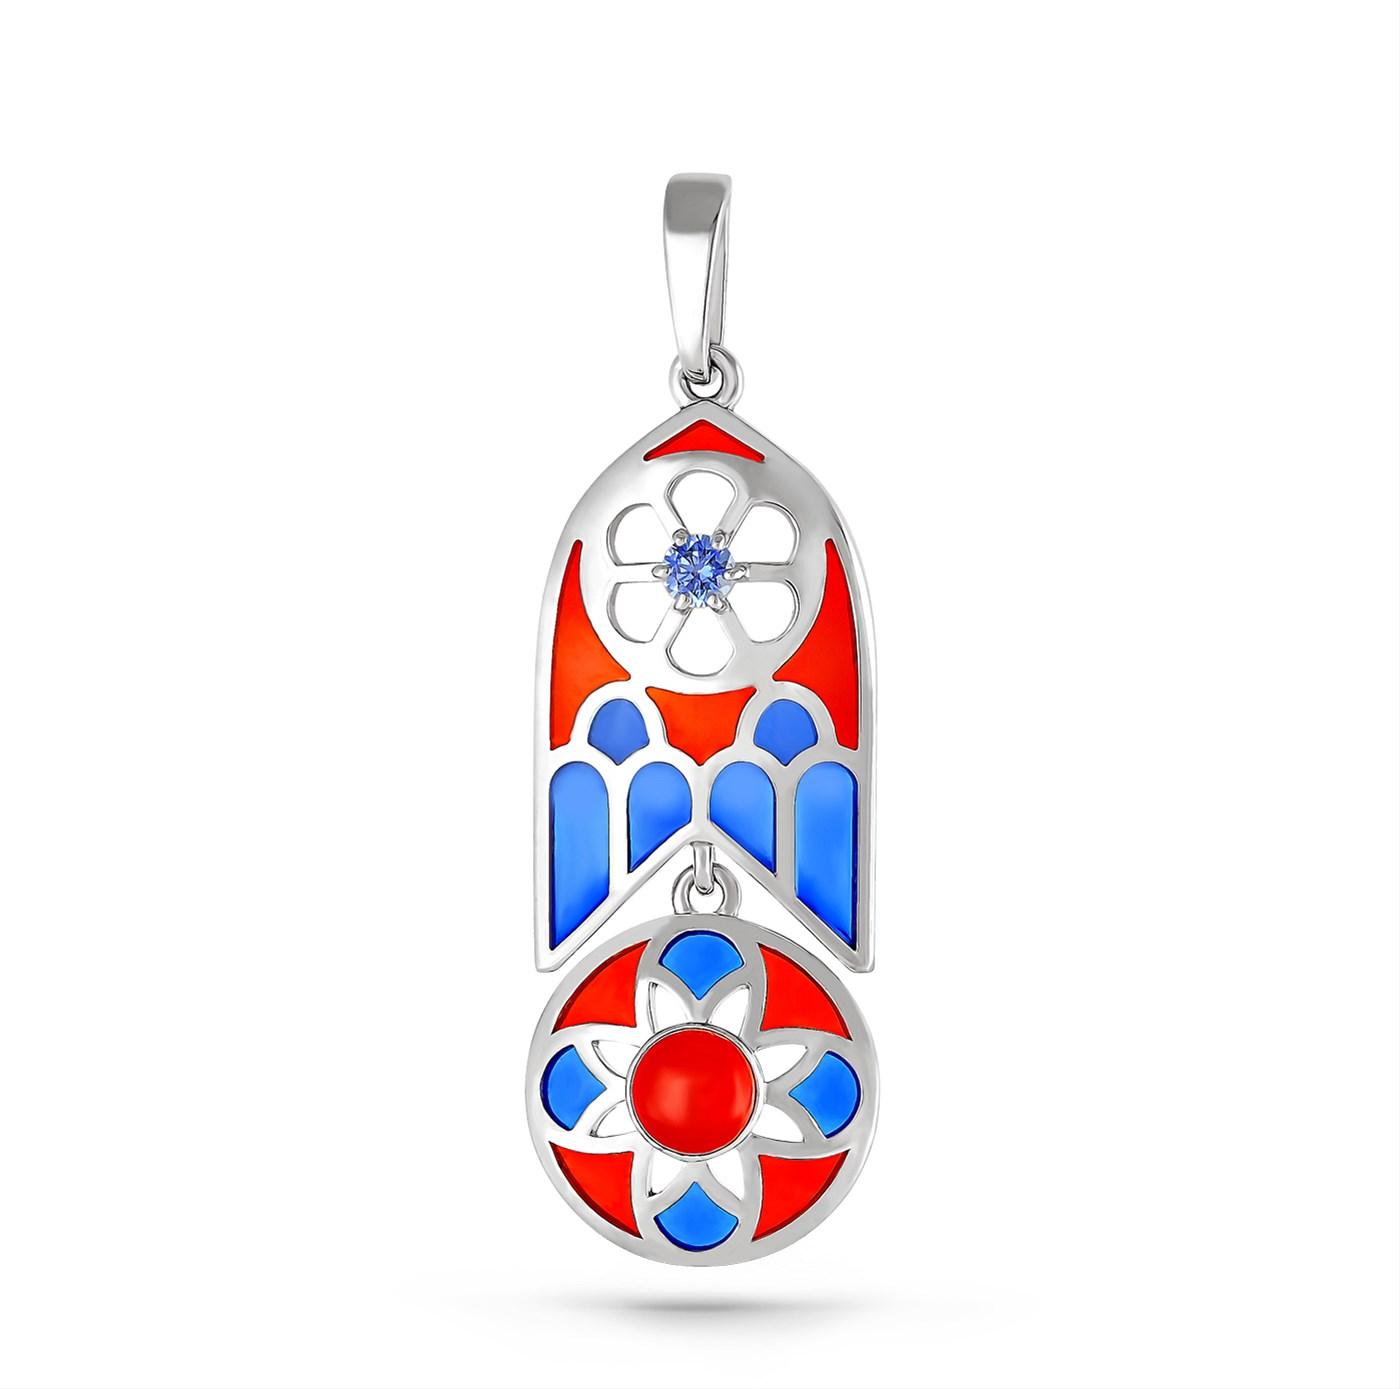 Серебряный подвес с кристаллом сваровски и ониксом арт. 13-127-6601 13-127-6601